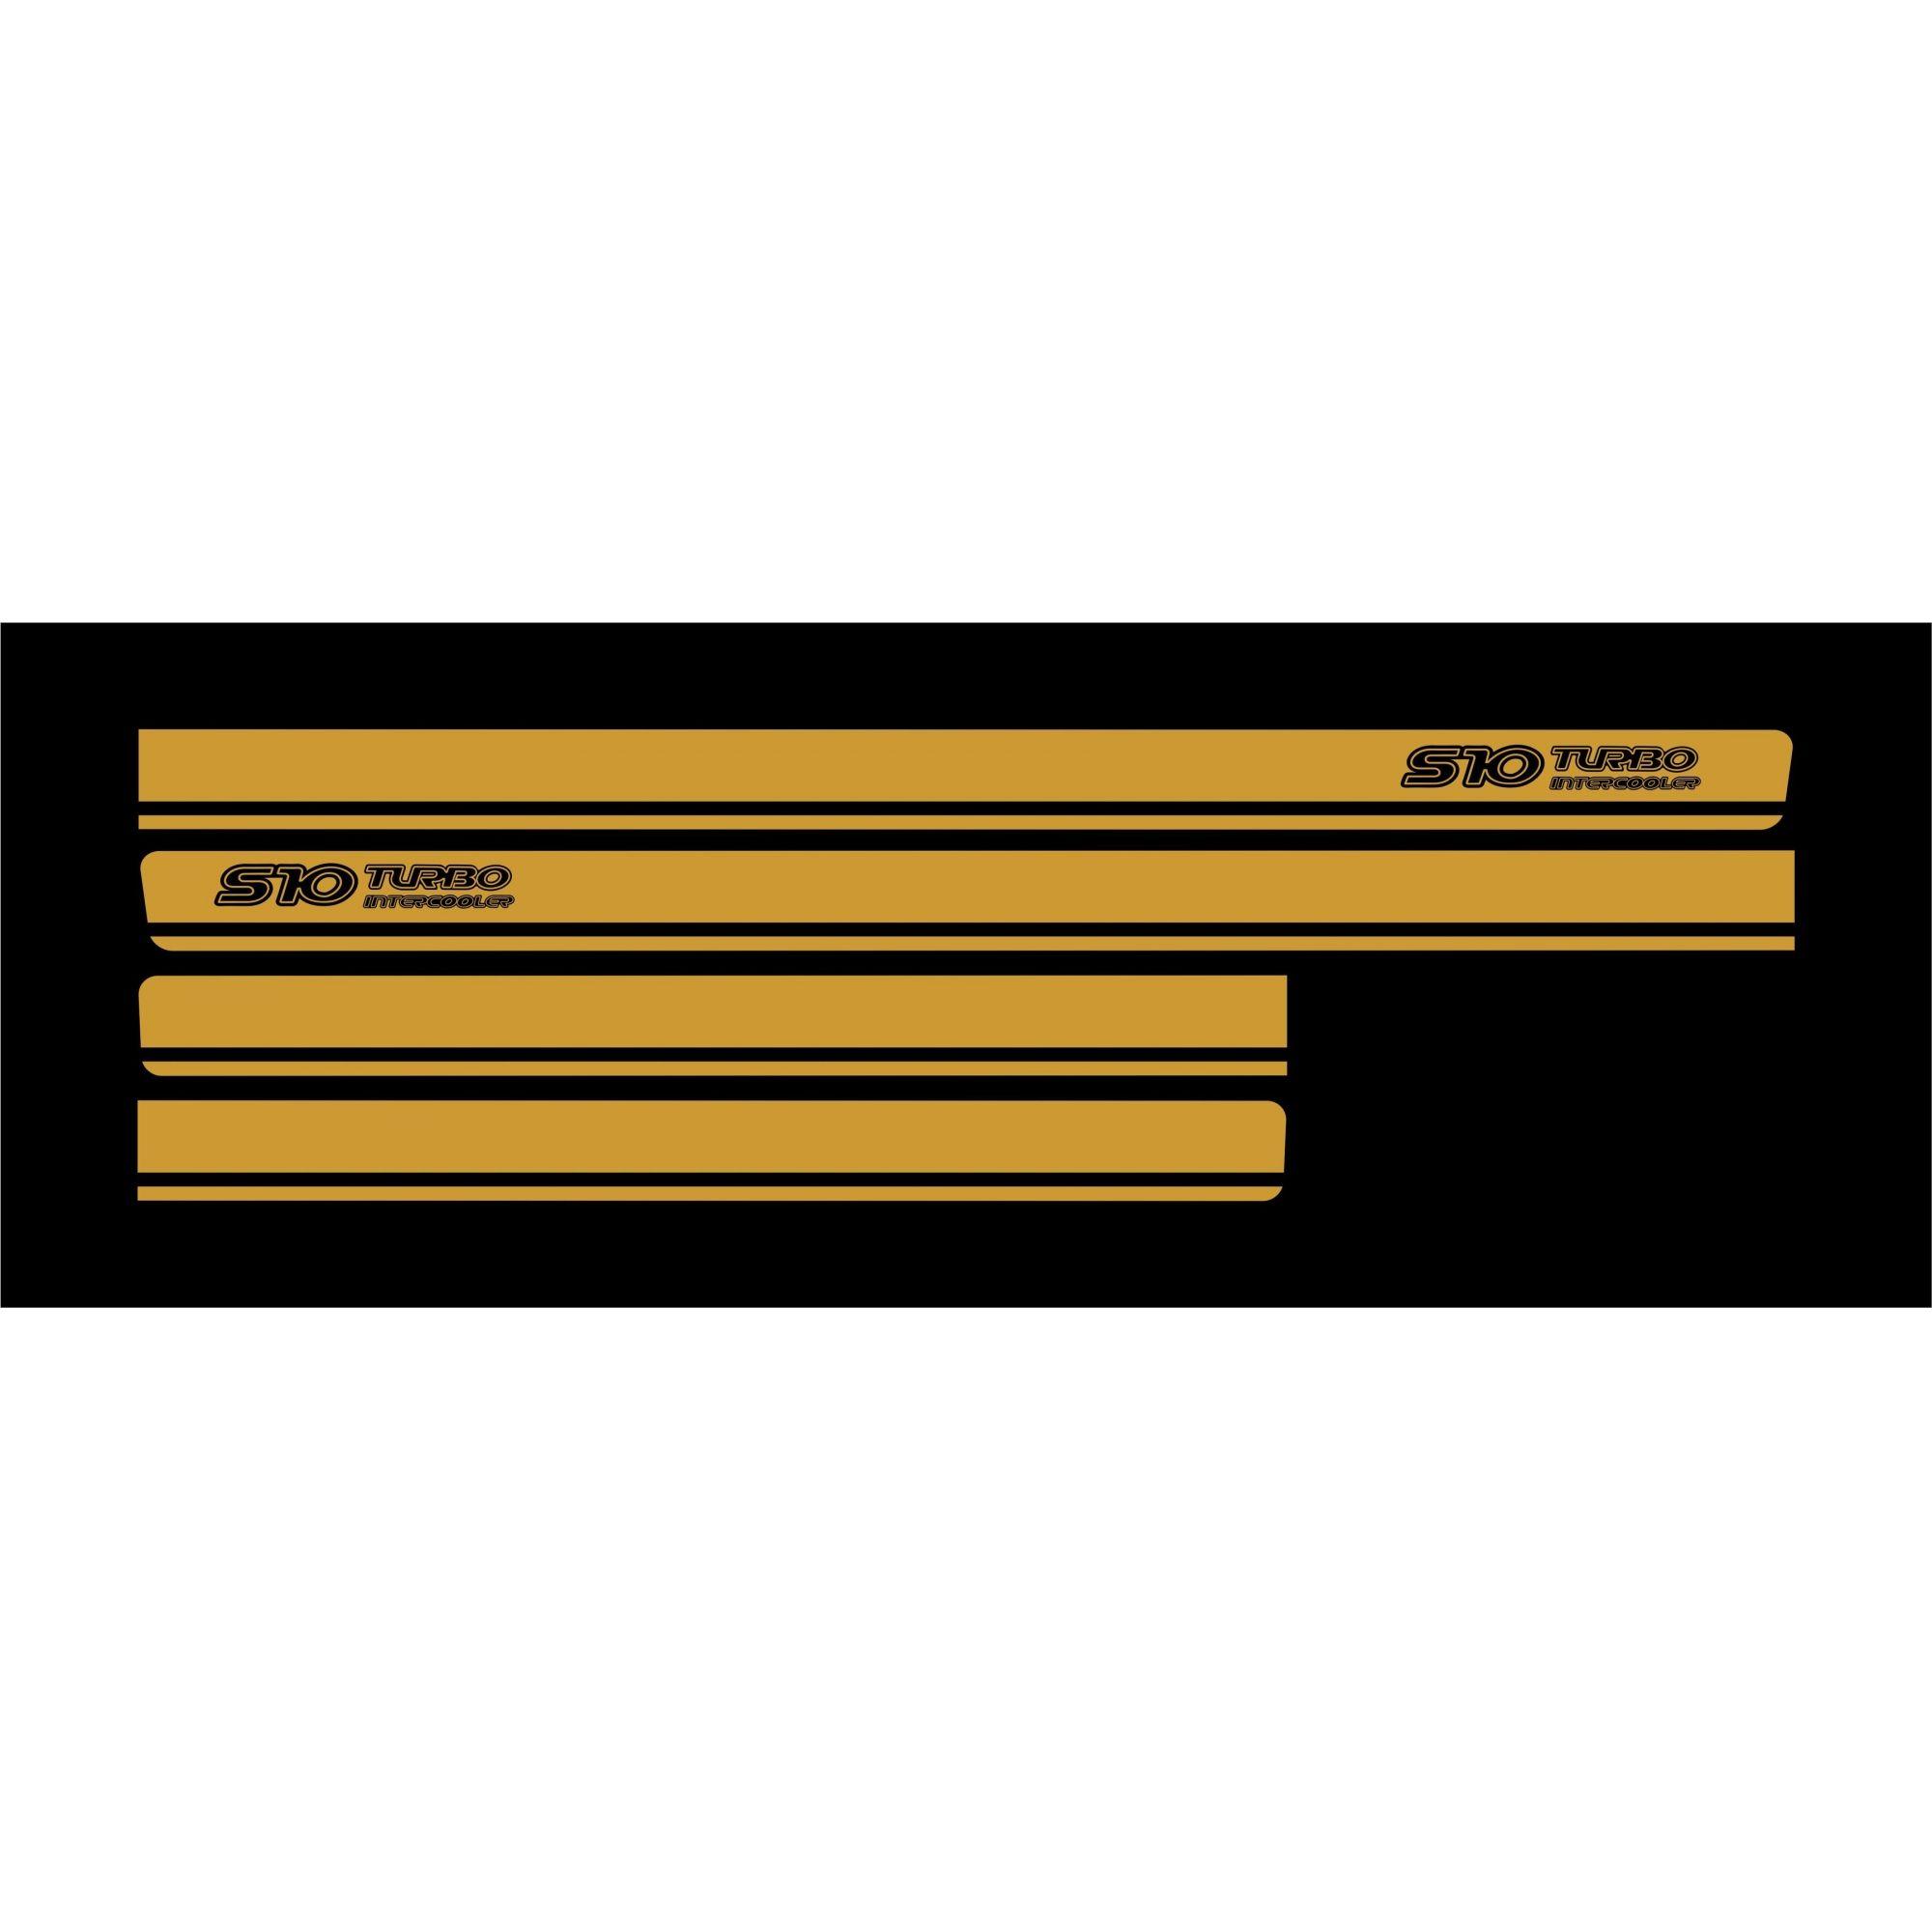 Adesivo Faixa Chevrolet S10 Turbo Intercooler Dourado S10p15